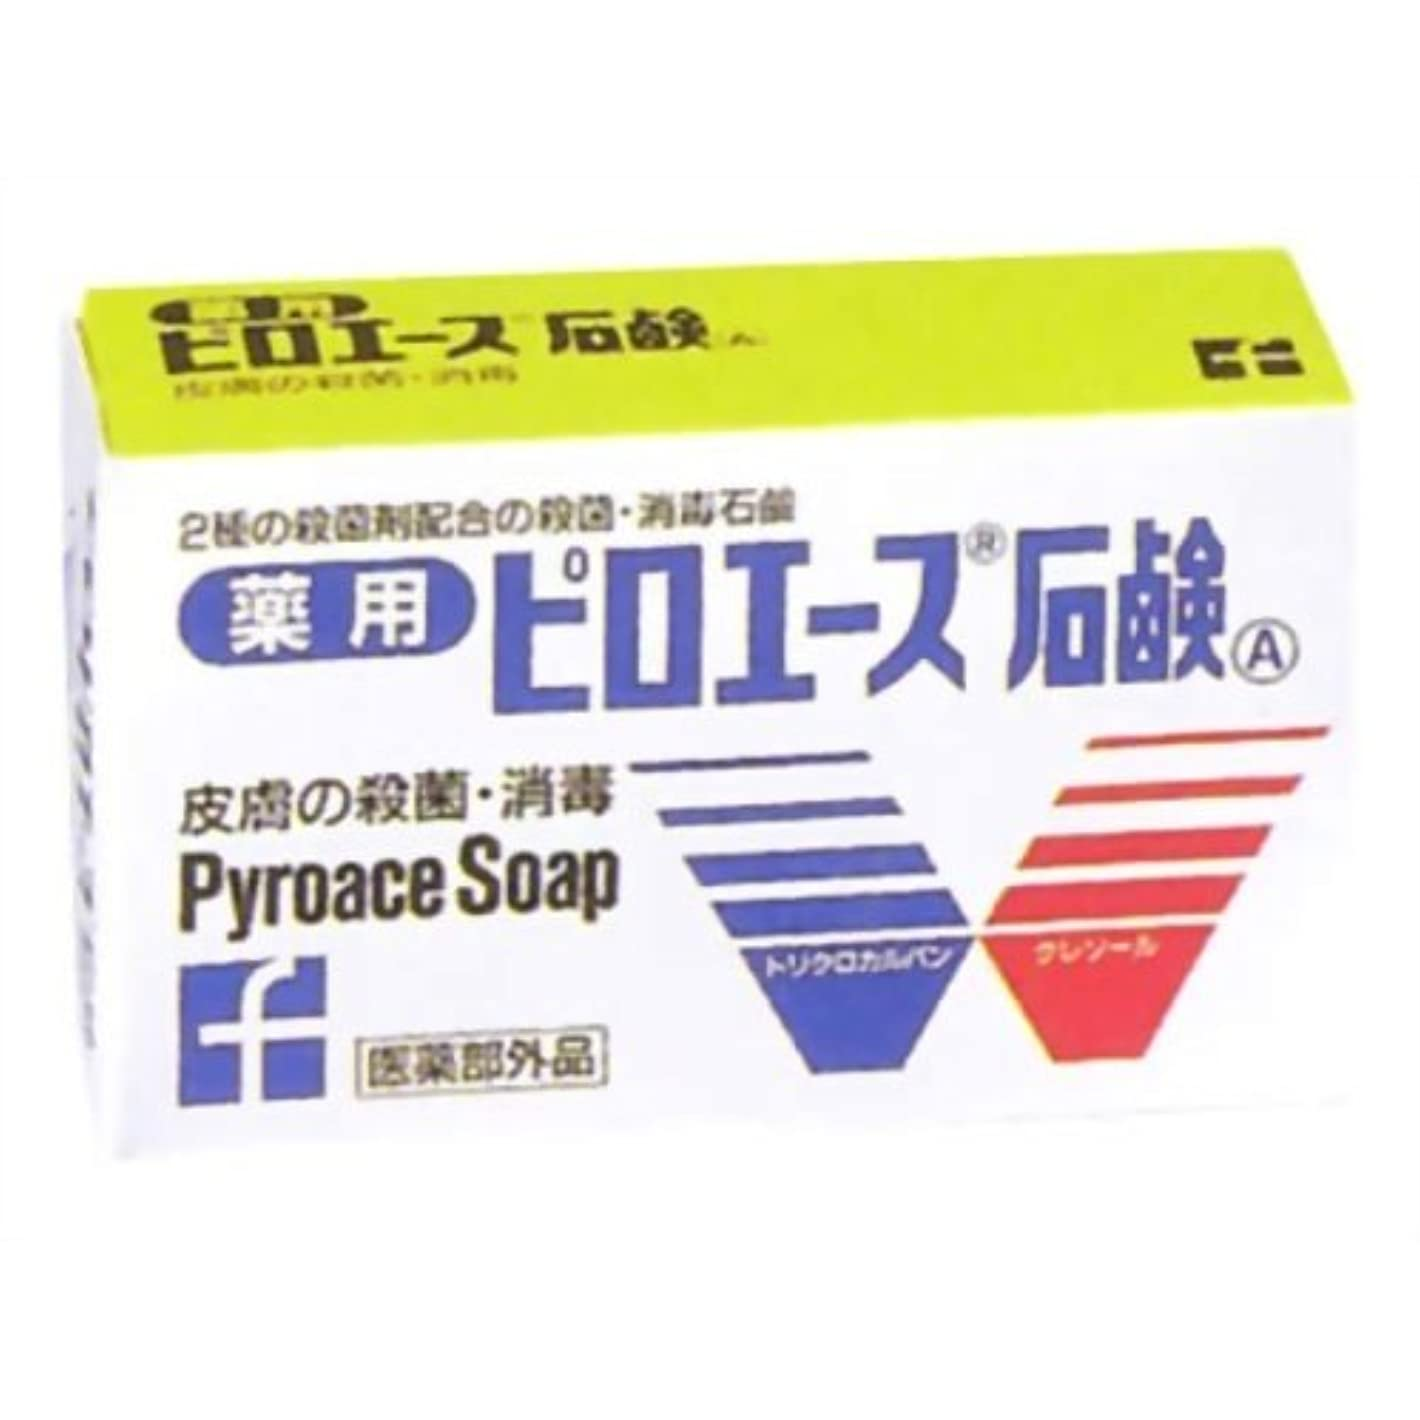 増強ぶら下がるキウイ【第一三共ヘルスケア】ピロエース石鹸 70g